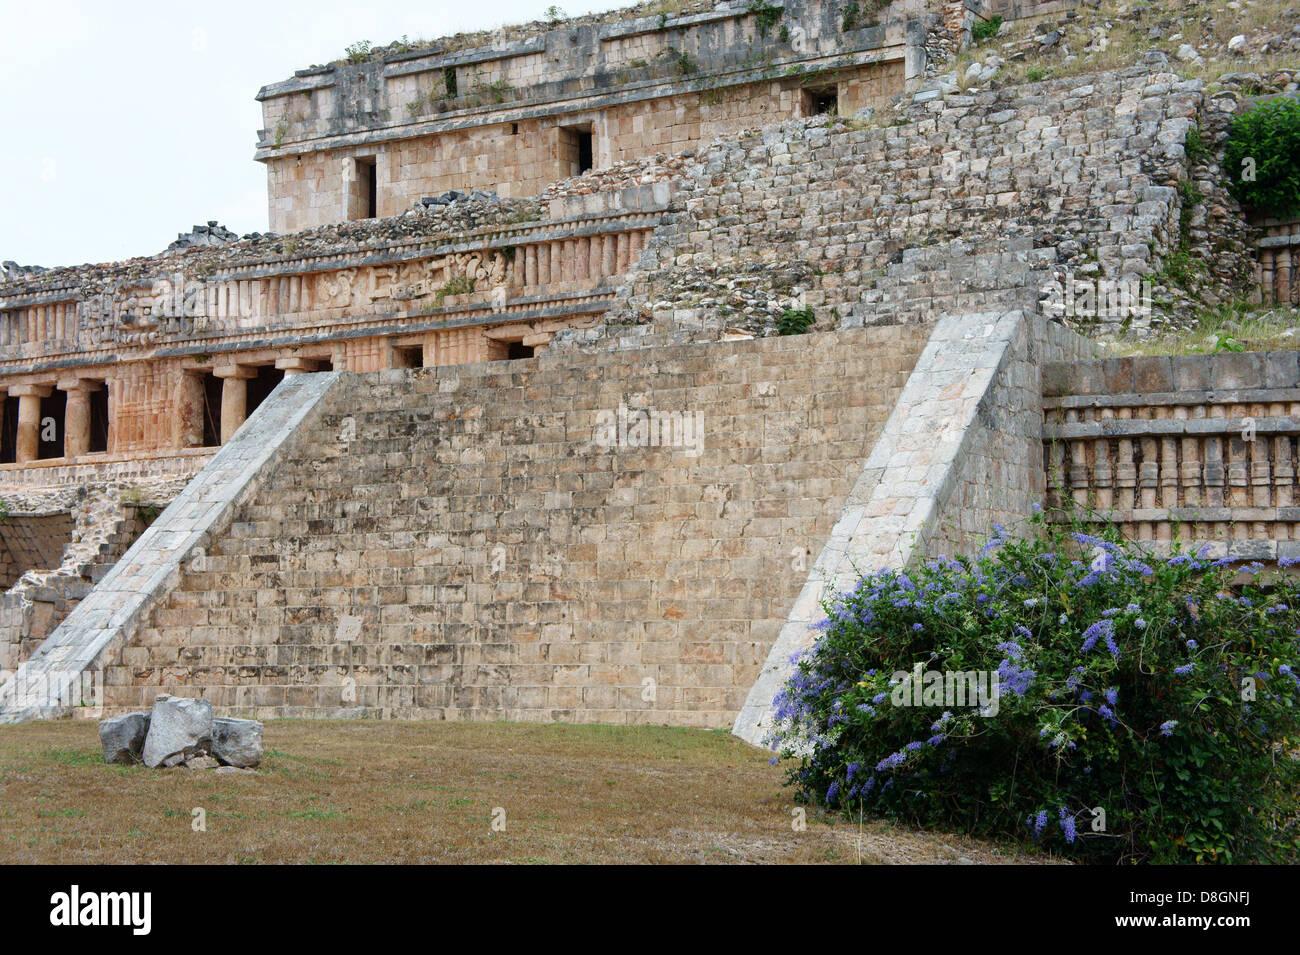 The Palace or El Palacio at the Mayan ruins of Sayil, Yucatan, Mexico Stock Photo